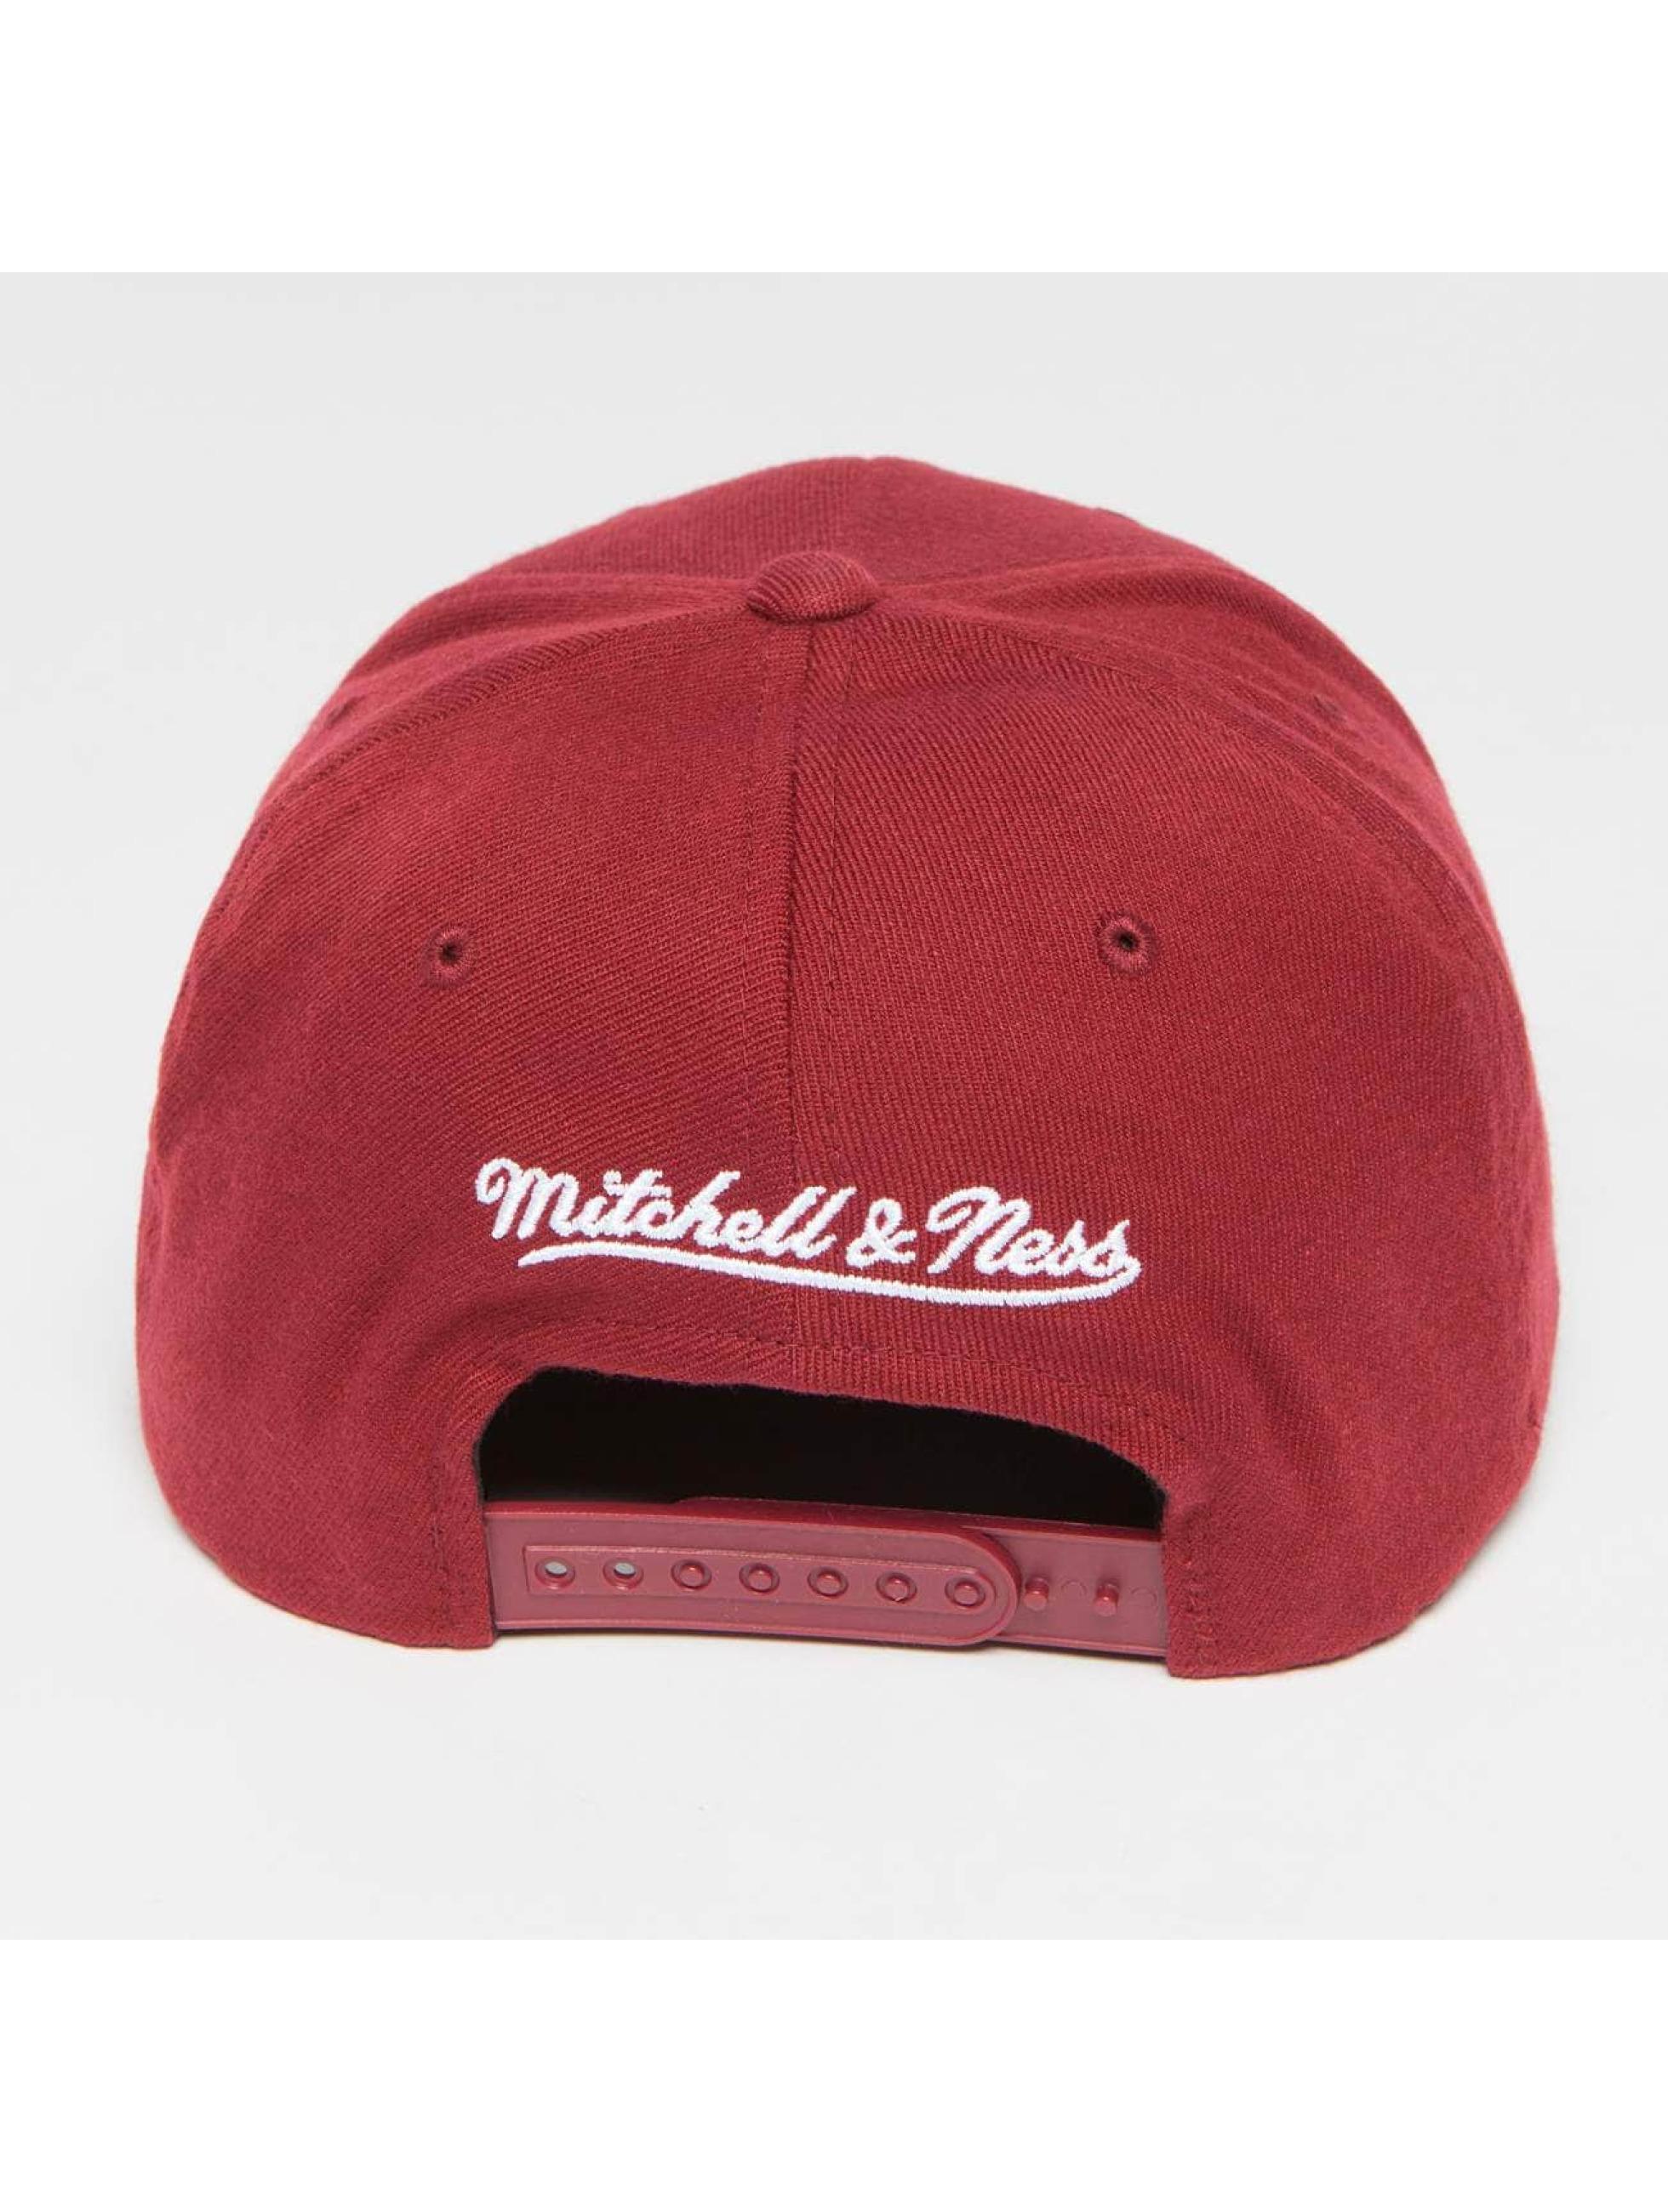 Mitchell & Ness Snapback Caps The Burgundy 2-Tone Pinscript 110 czerwony